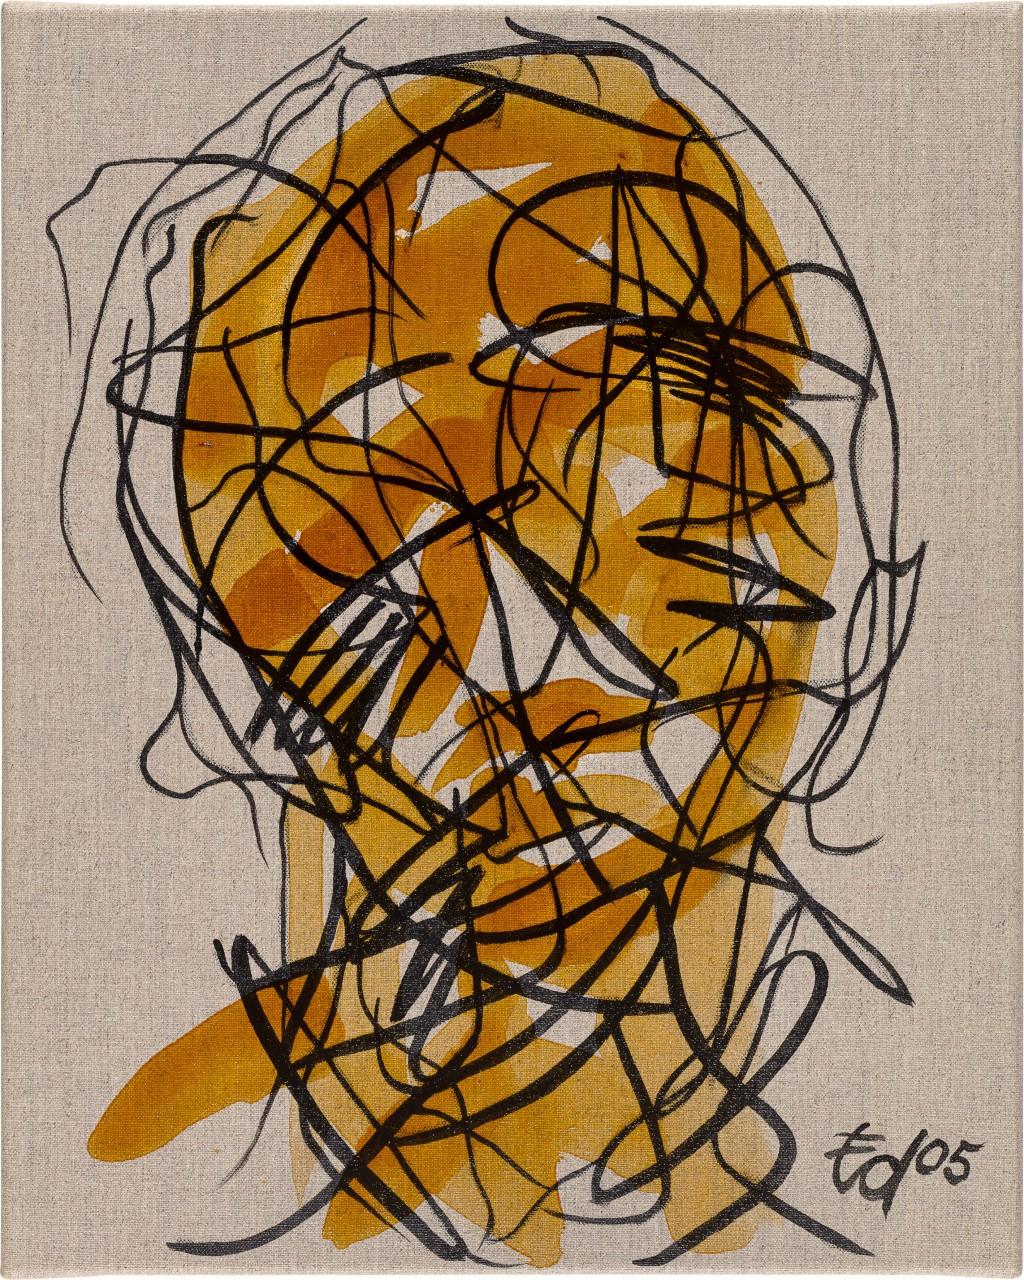 Kopfdarstellung mit schwarzen Linien